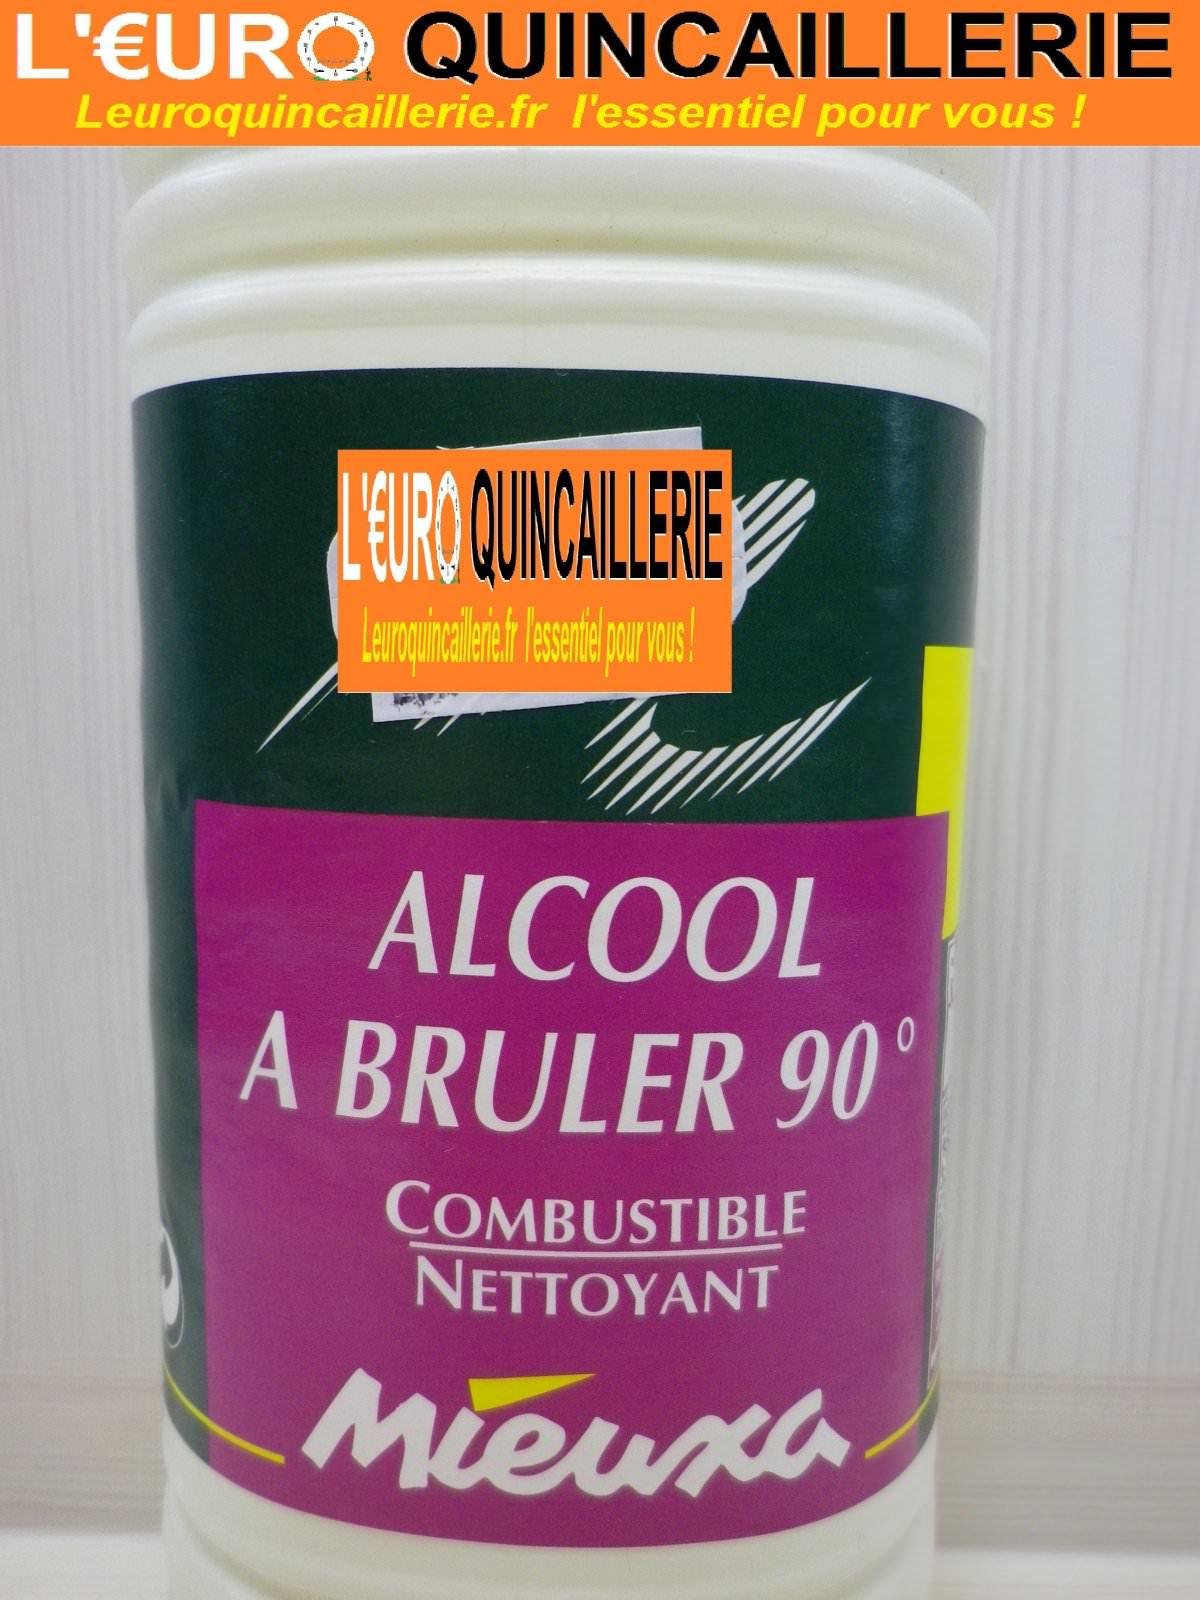 Alcool à bruler 90° 1L.